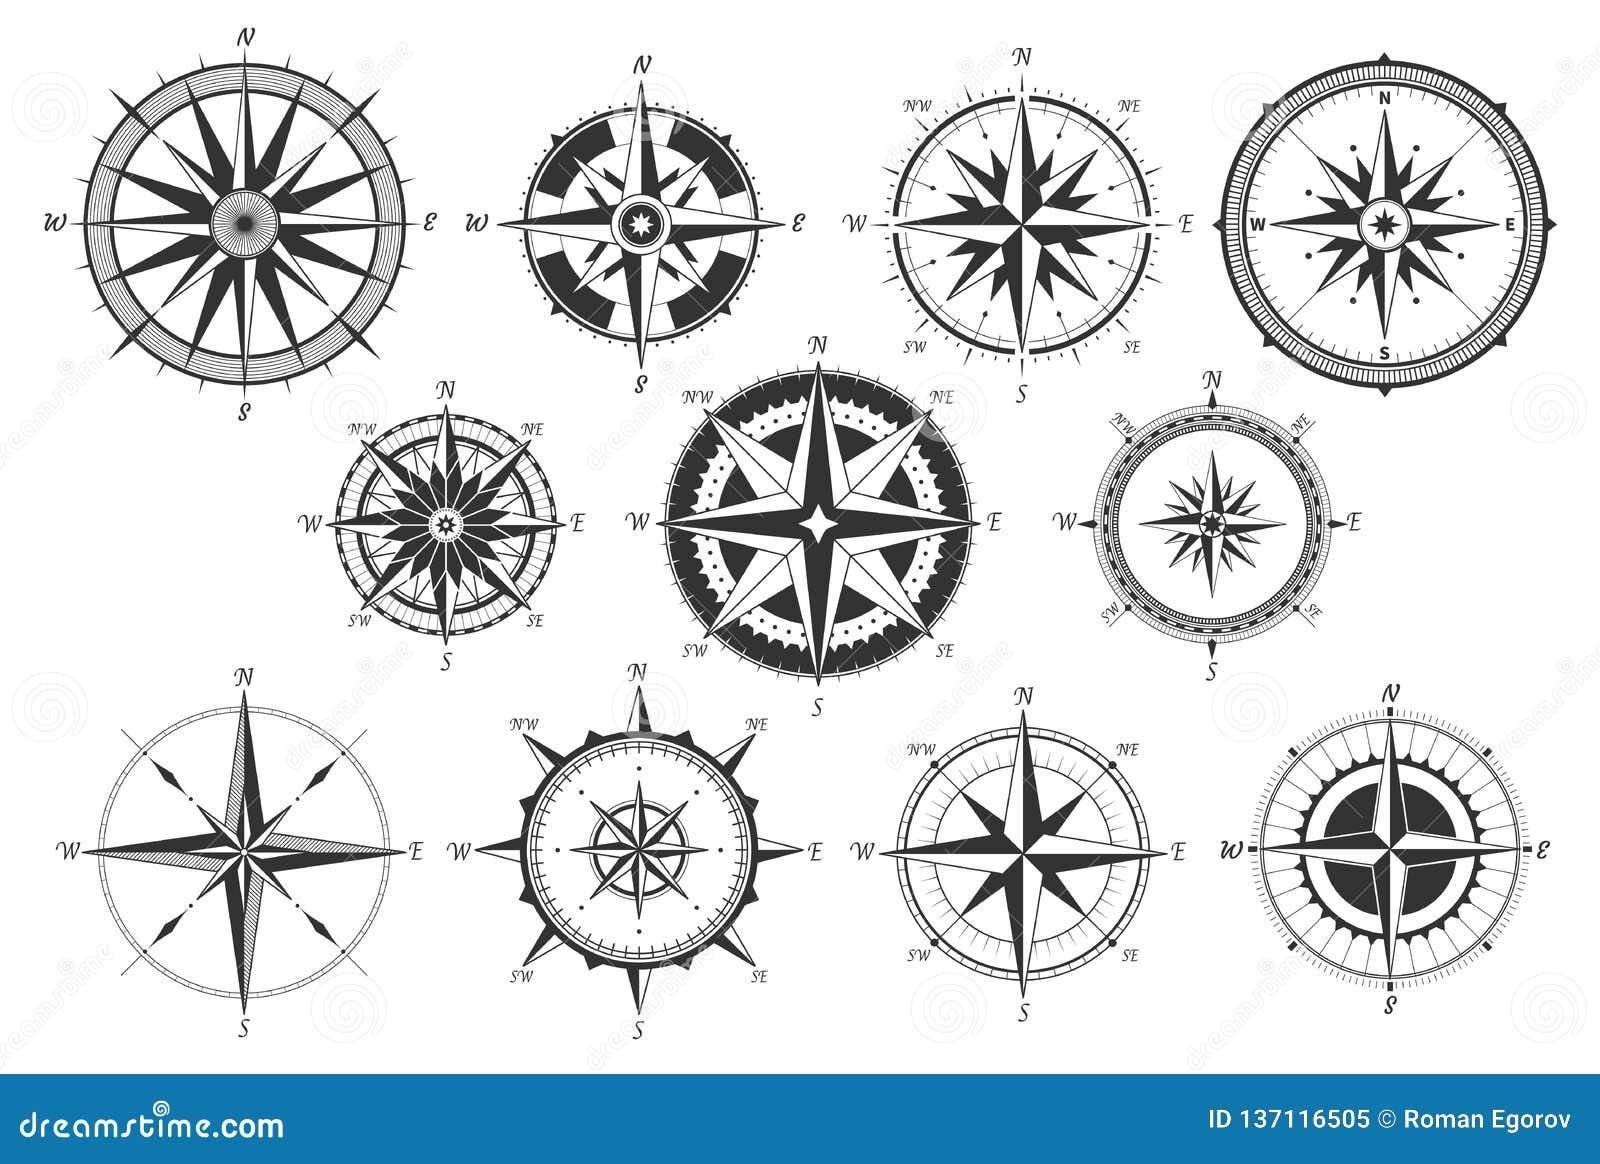 Boussole de vintage Le cru nautique de directions de carte s est levé vent Rétro mesure marine de vent Windrose fait le tour des